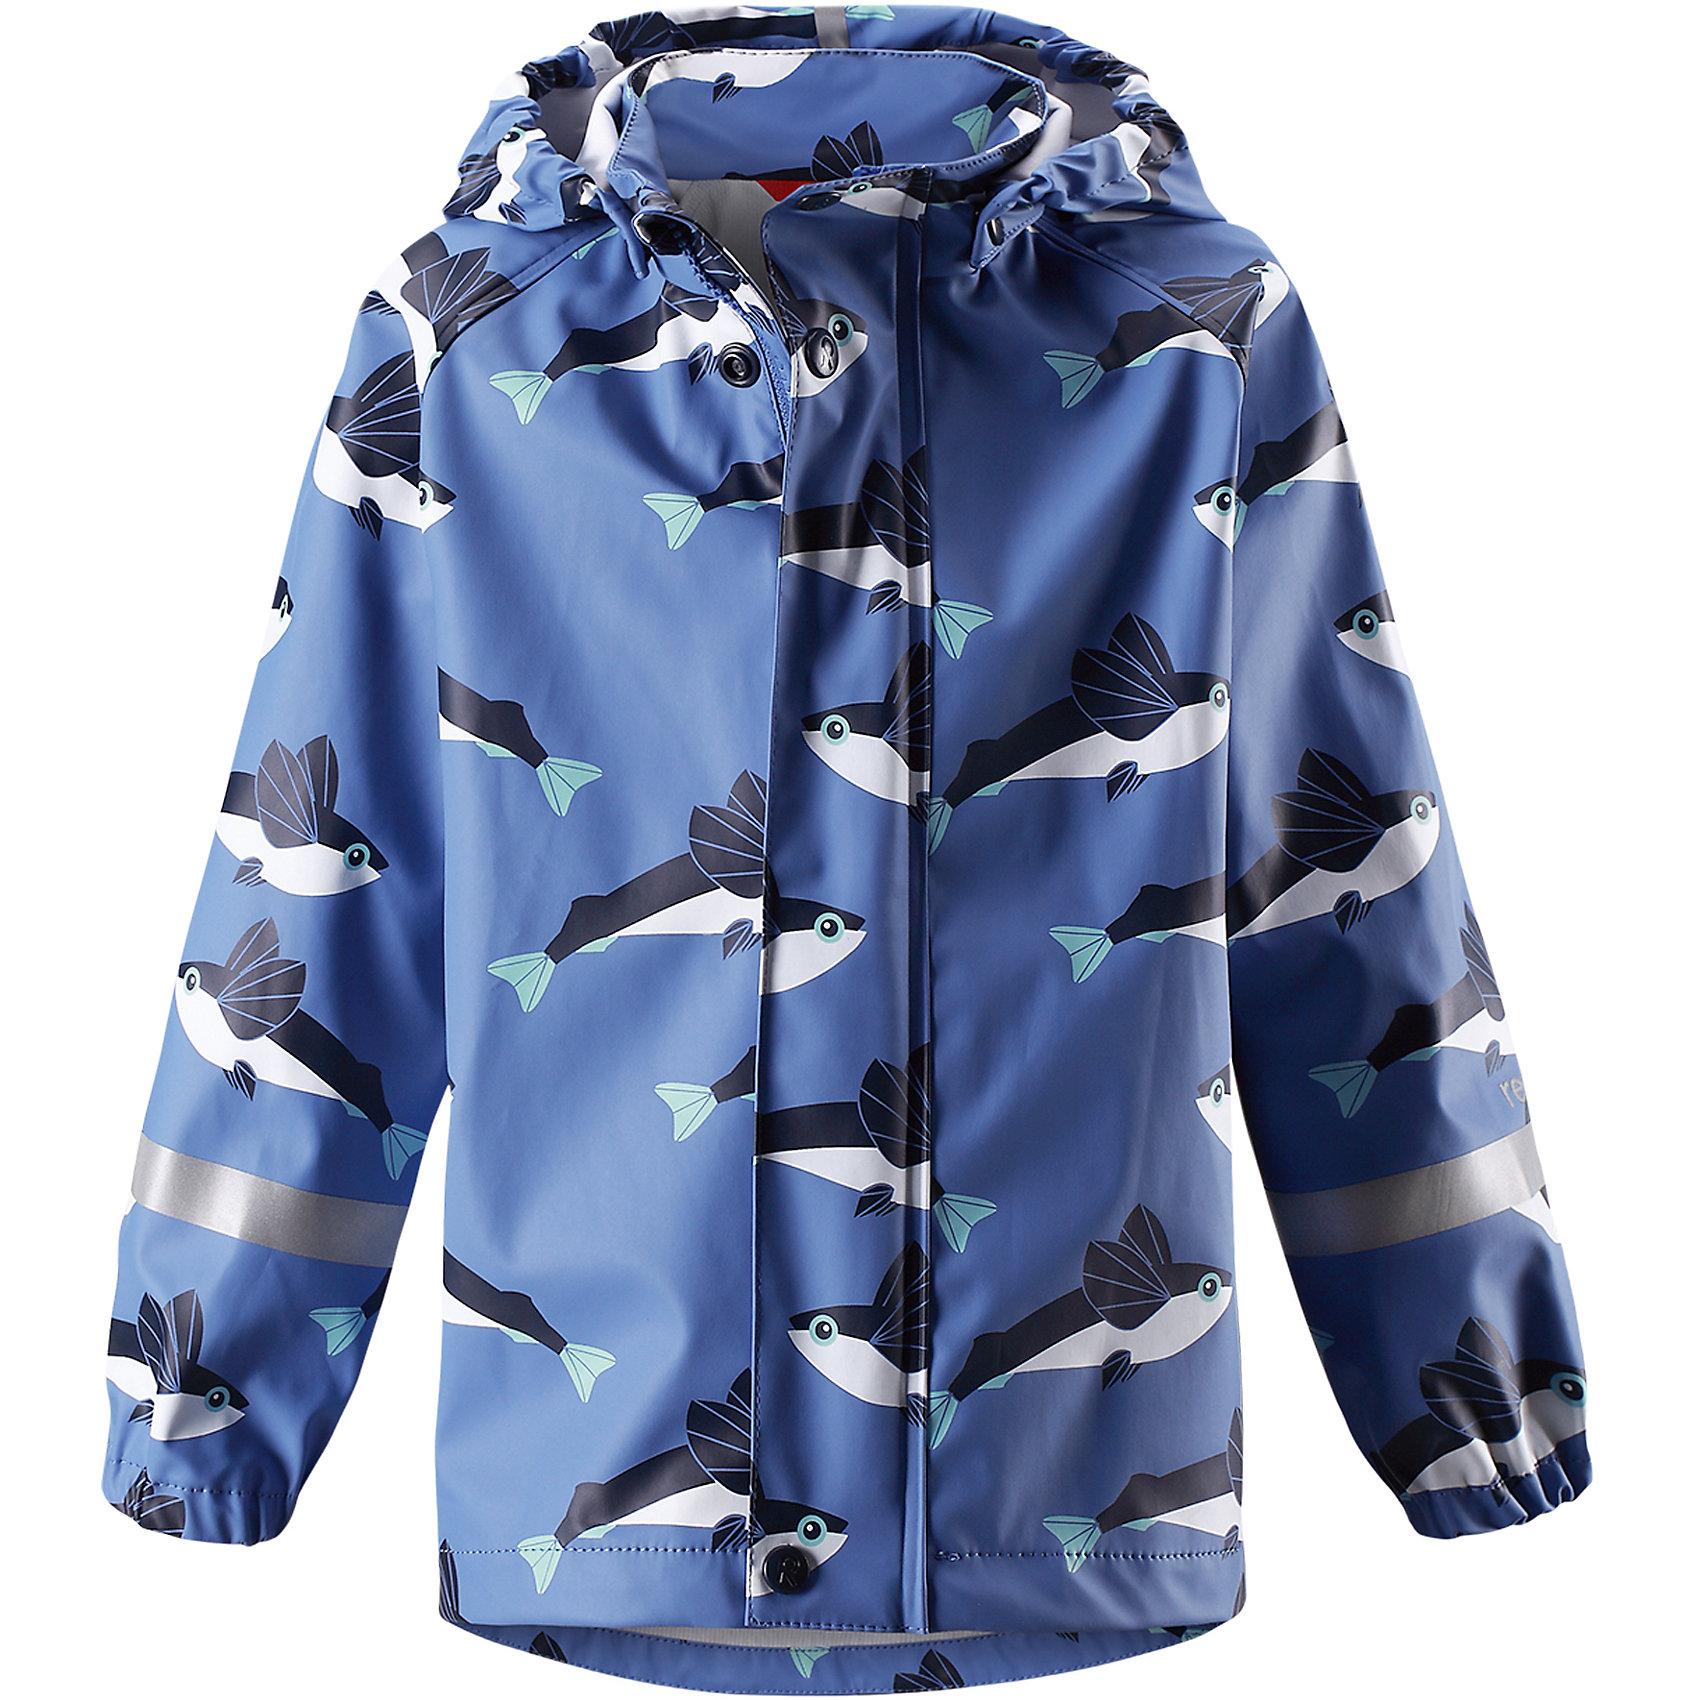 Плащ для мальчика ReimaПлащ для мальчика от финского бренда Reima.<br>Куртка-дождевик для детей. Запаянные швы, не пропускающие влагу. Эластичный материал. Без ПХВ. Может пристегиваться к слоям Reima® кнопками Play Layers®. Безопасный, съемный капюшон. Эластичные манжеты. Молния спереди.<br>Состав:<br>100% Полиэстер, полиуретановое покрытие<br><br>Уход:<br>Стирать по отдельности, вывернув наизнанку. Застегнуть молнии и липучки. Стирать моющим средством, не содержащим отбеливающие вещества. Полоскать без специального средства. Во избежание изменения цвета изделие необходимо вынуть из стиральной машинки незамедлительно после окончания программы стирки. Сушить при низкой температуре.<br><br>Ширина мм: 356<br>Глубина мм: 10<br>Высота мм: 245<br>Вес г: 519<br>Цвет: синий<br>Возраст от месяцев: 60<br>Возраст до месяцев: 72<br>Пол: Мужской<br>Возраст: Детский<br>Размер: 116,128,104,86,92,98,110,140,134,122<br>SKU: 5270432